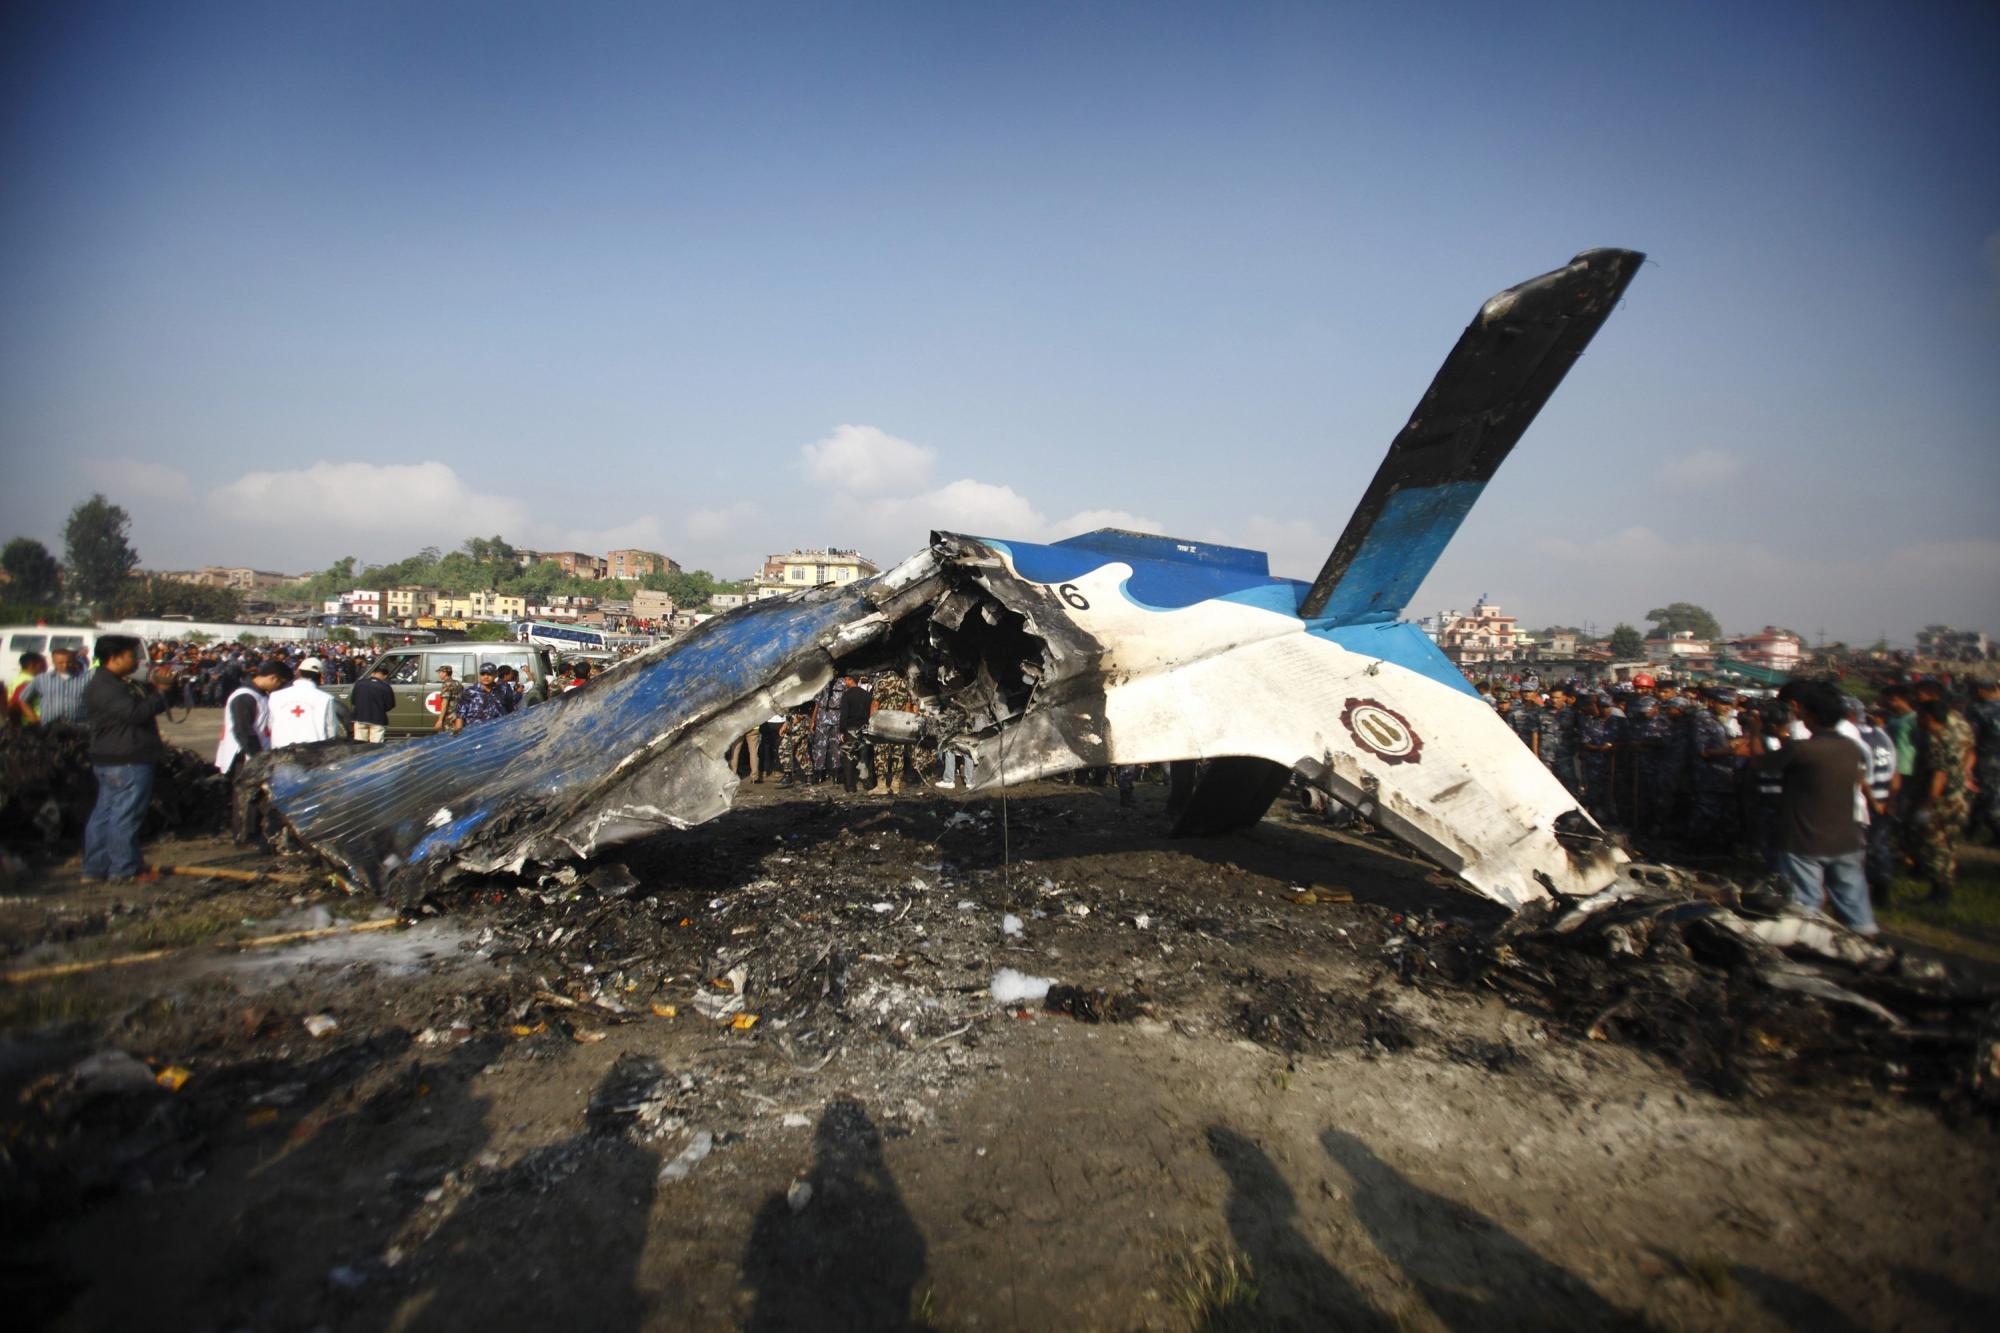 尼泊尔小型客机坠毁19人遇难 包括4名中国公民和1名美籍华人